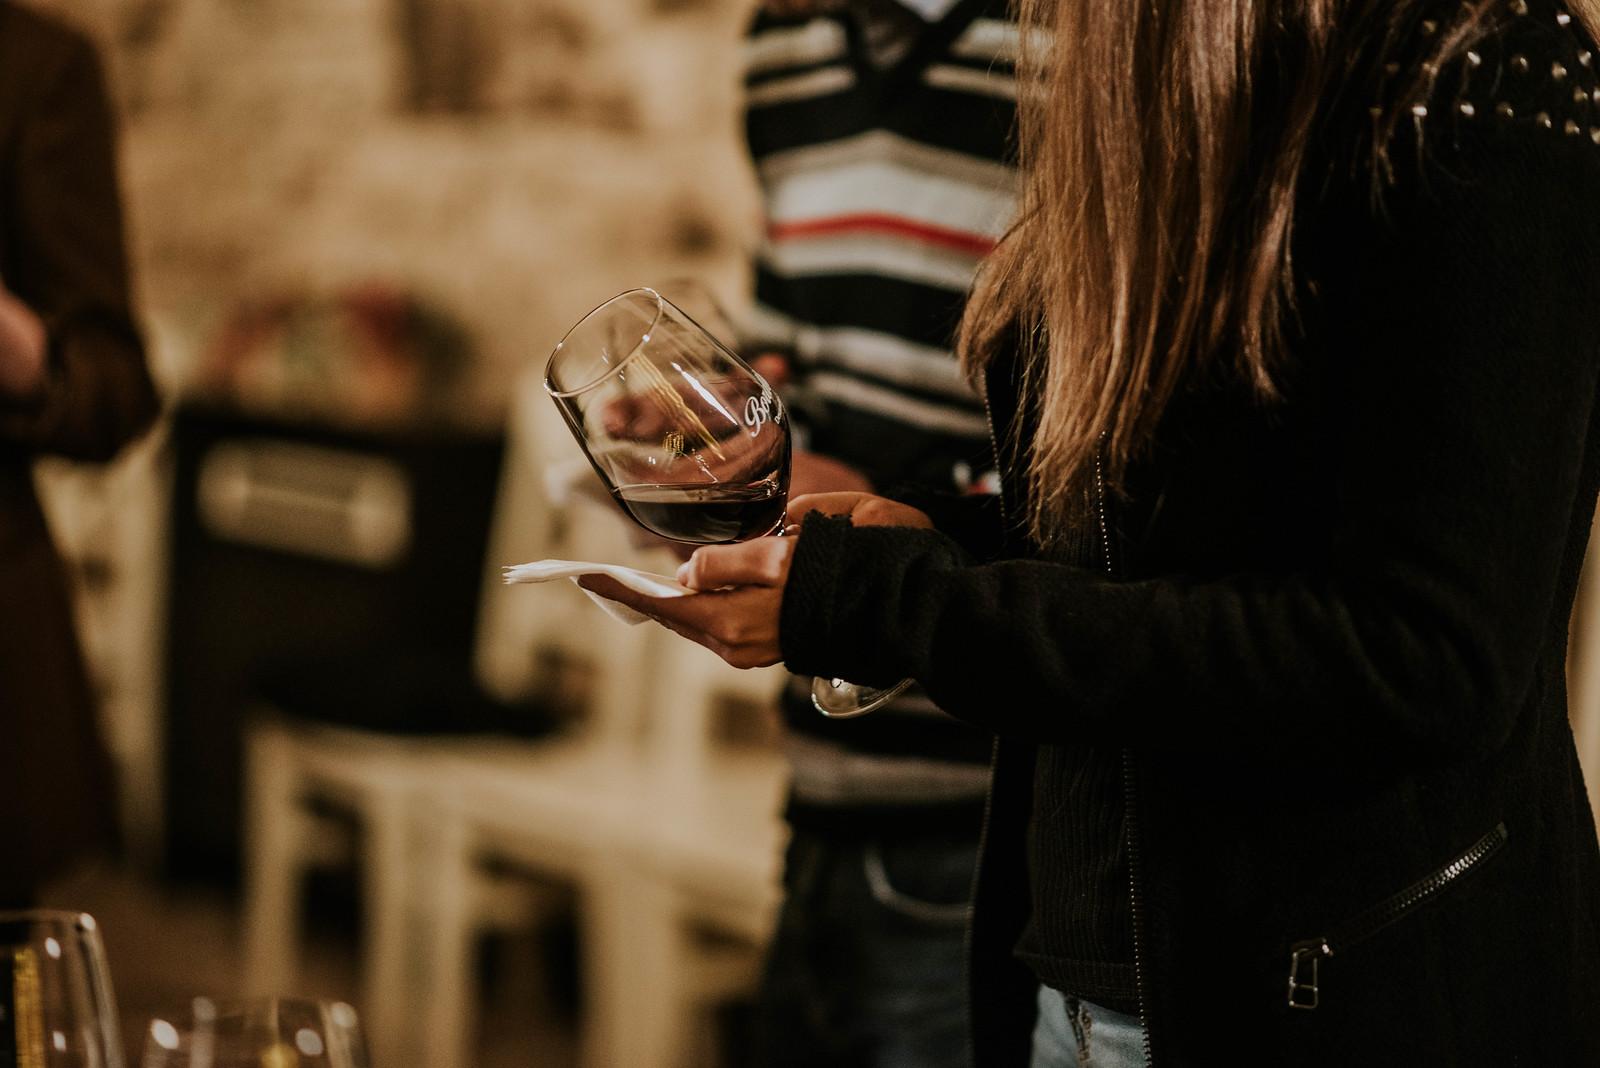 Copa de vino en actividad de enoturismo